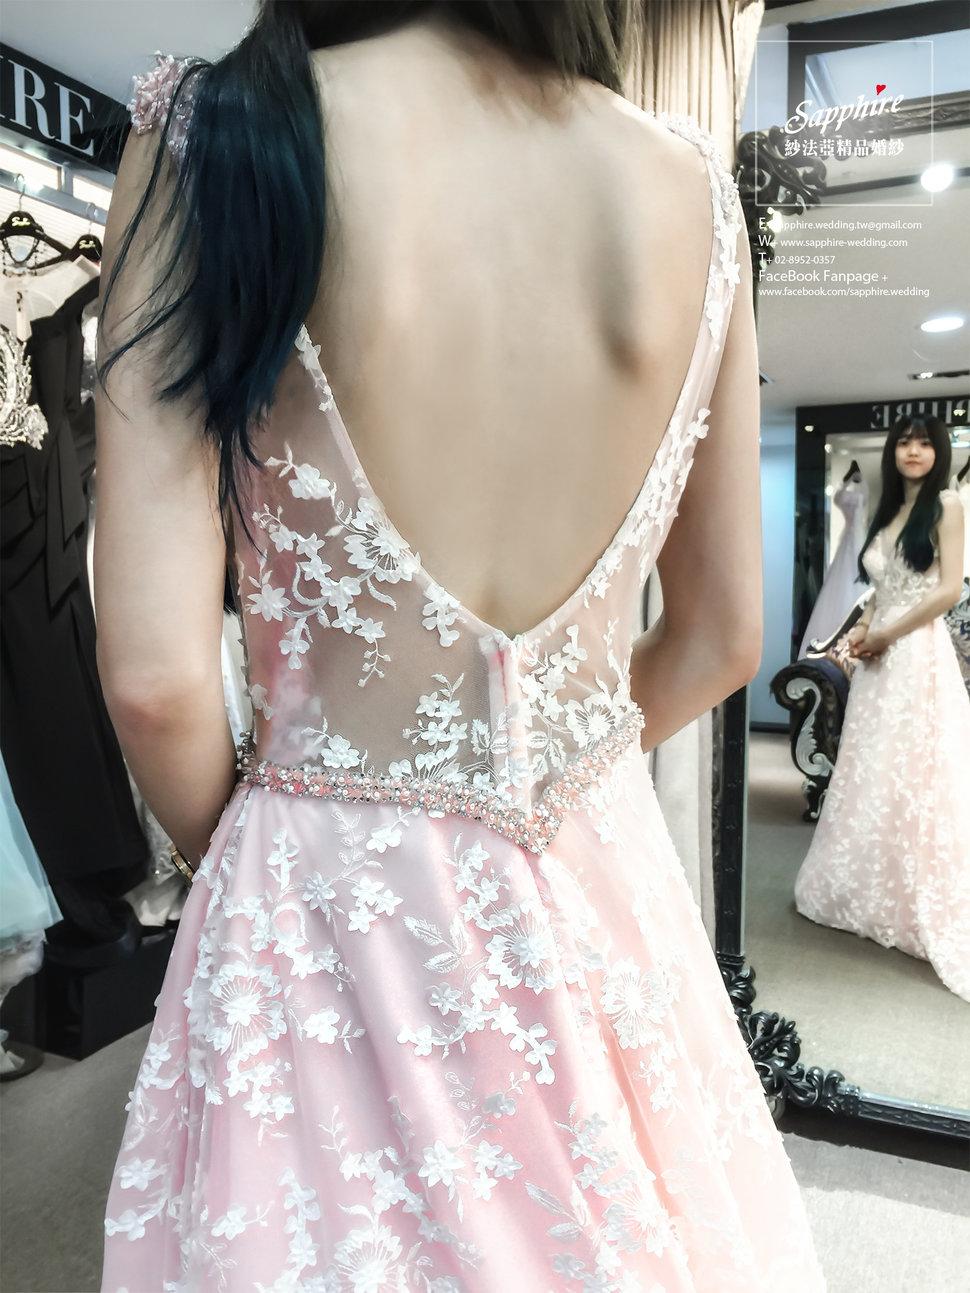 紗法亞Sapphire wedding - 紗法亞精品婚紗 - 結婚吧